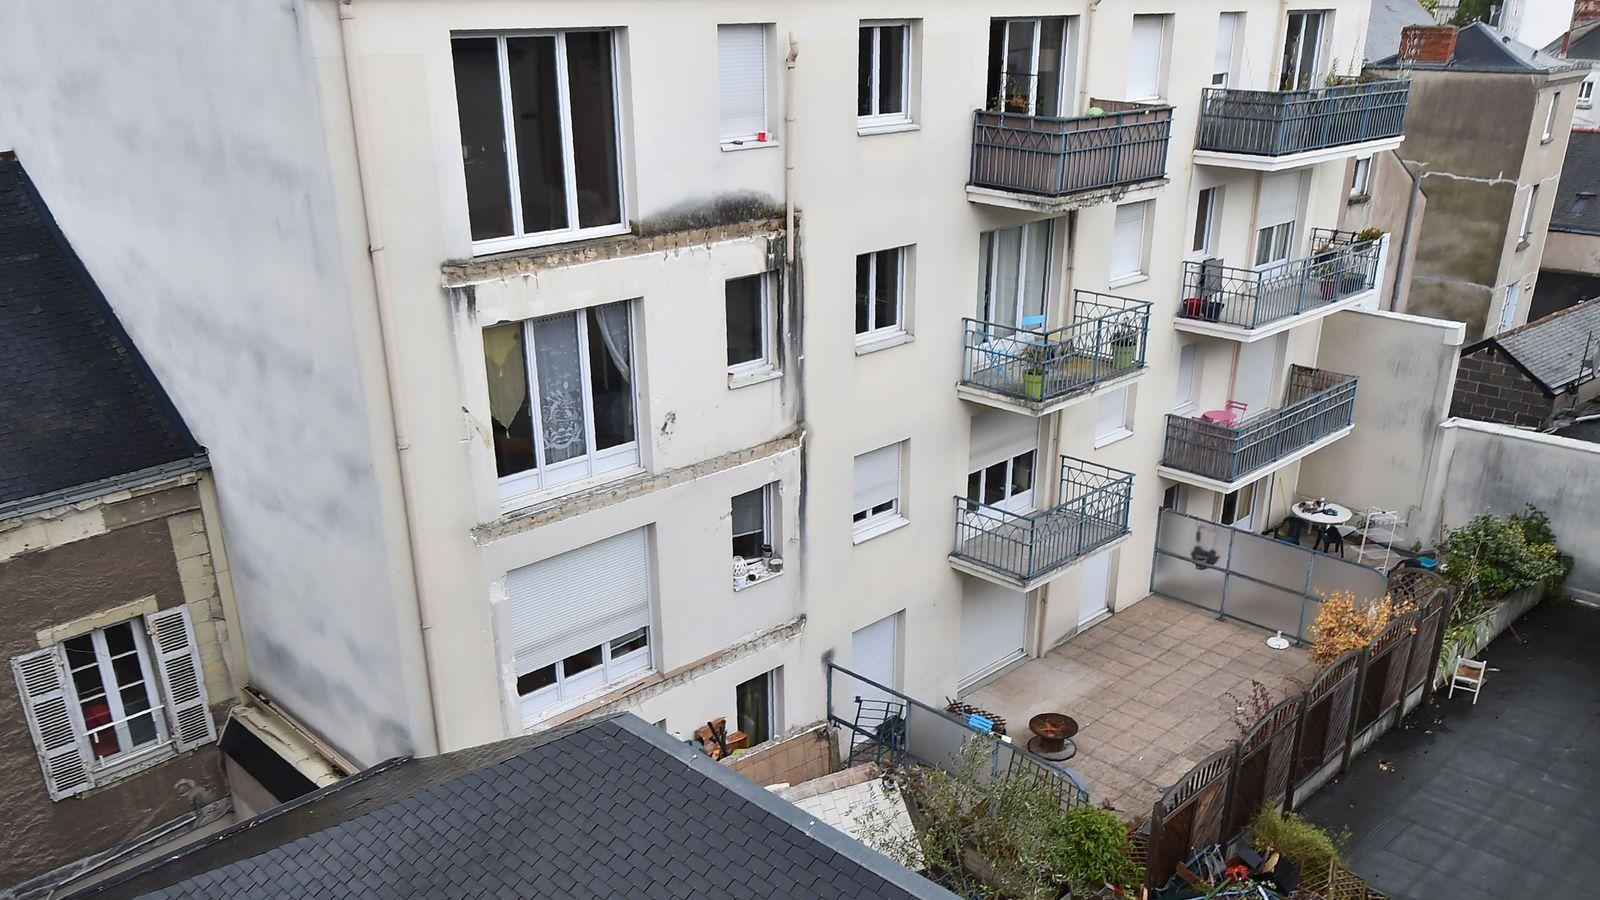 Во франции упавший балкон убил четырех человек // нтв.ru.